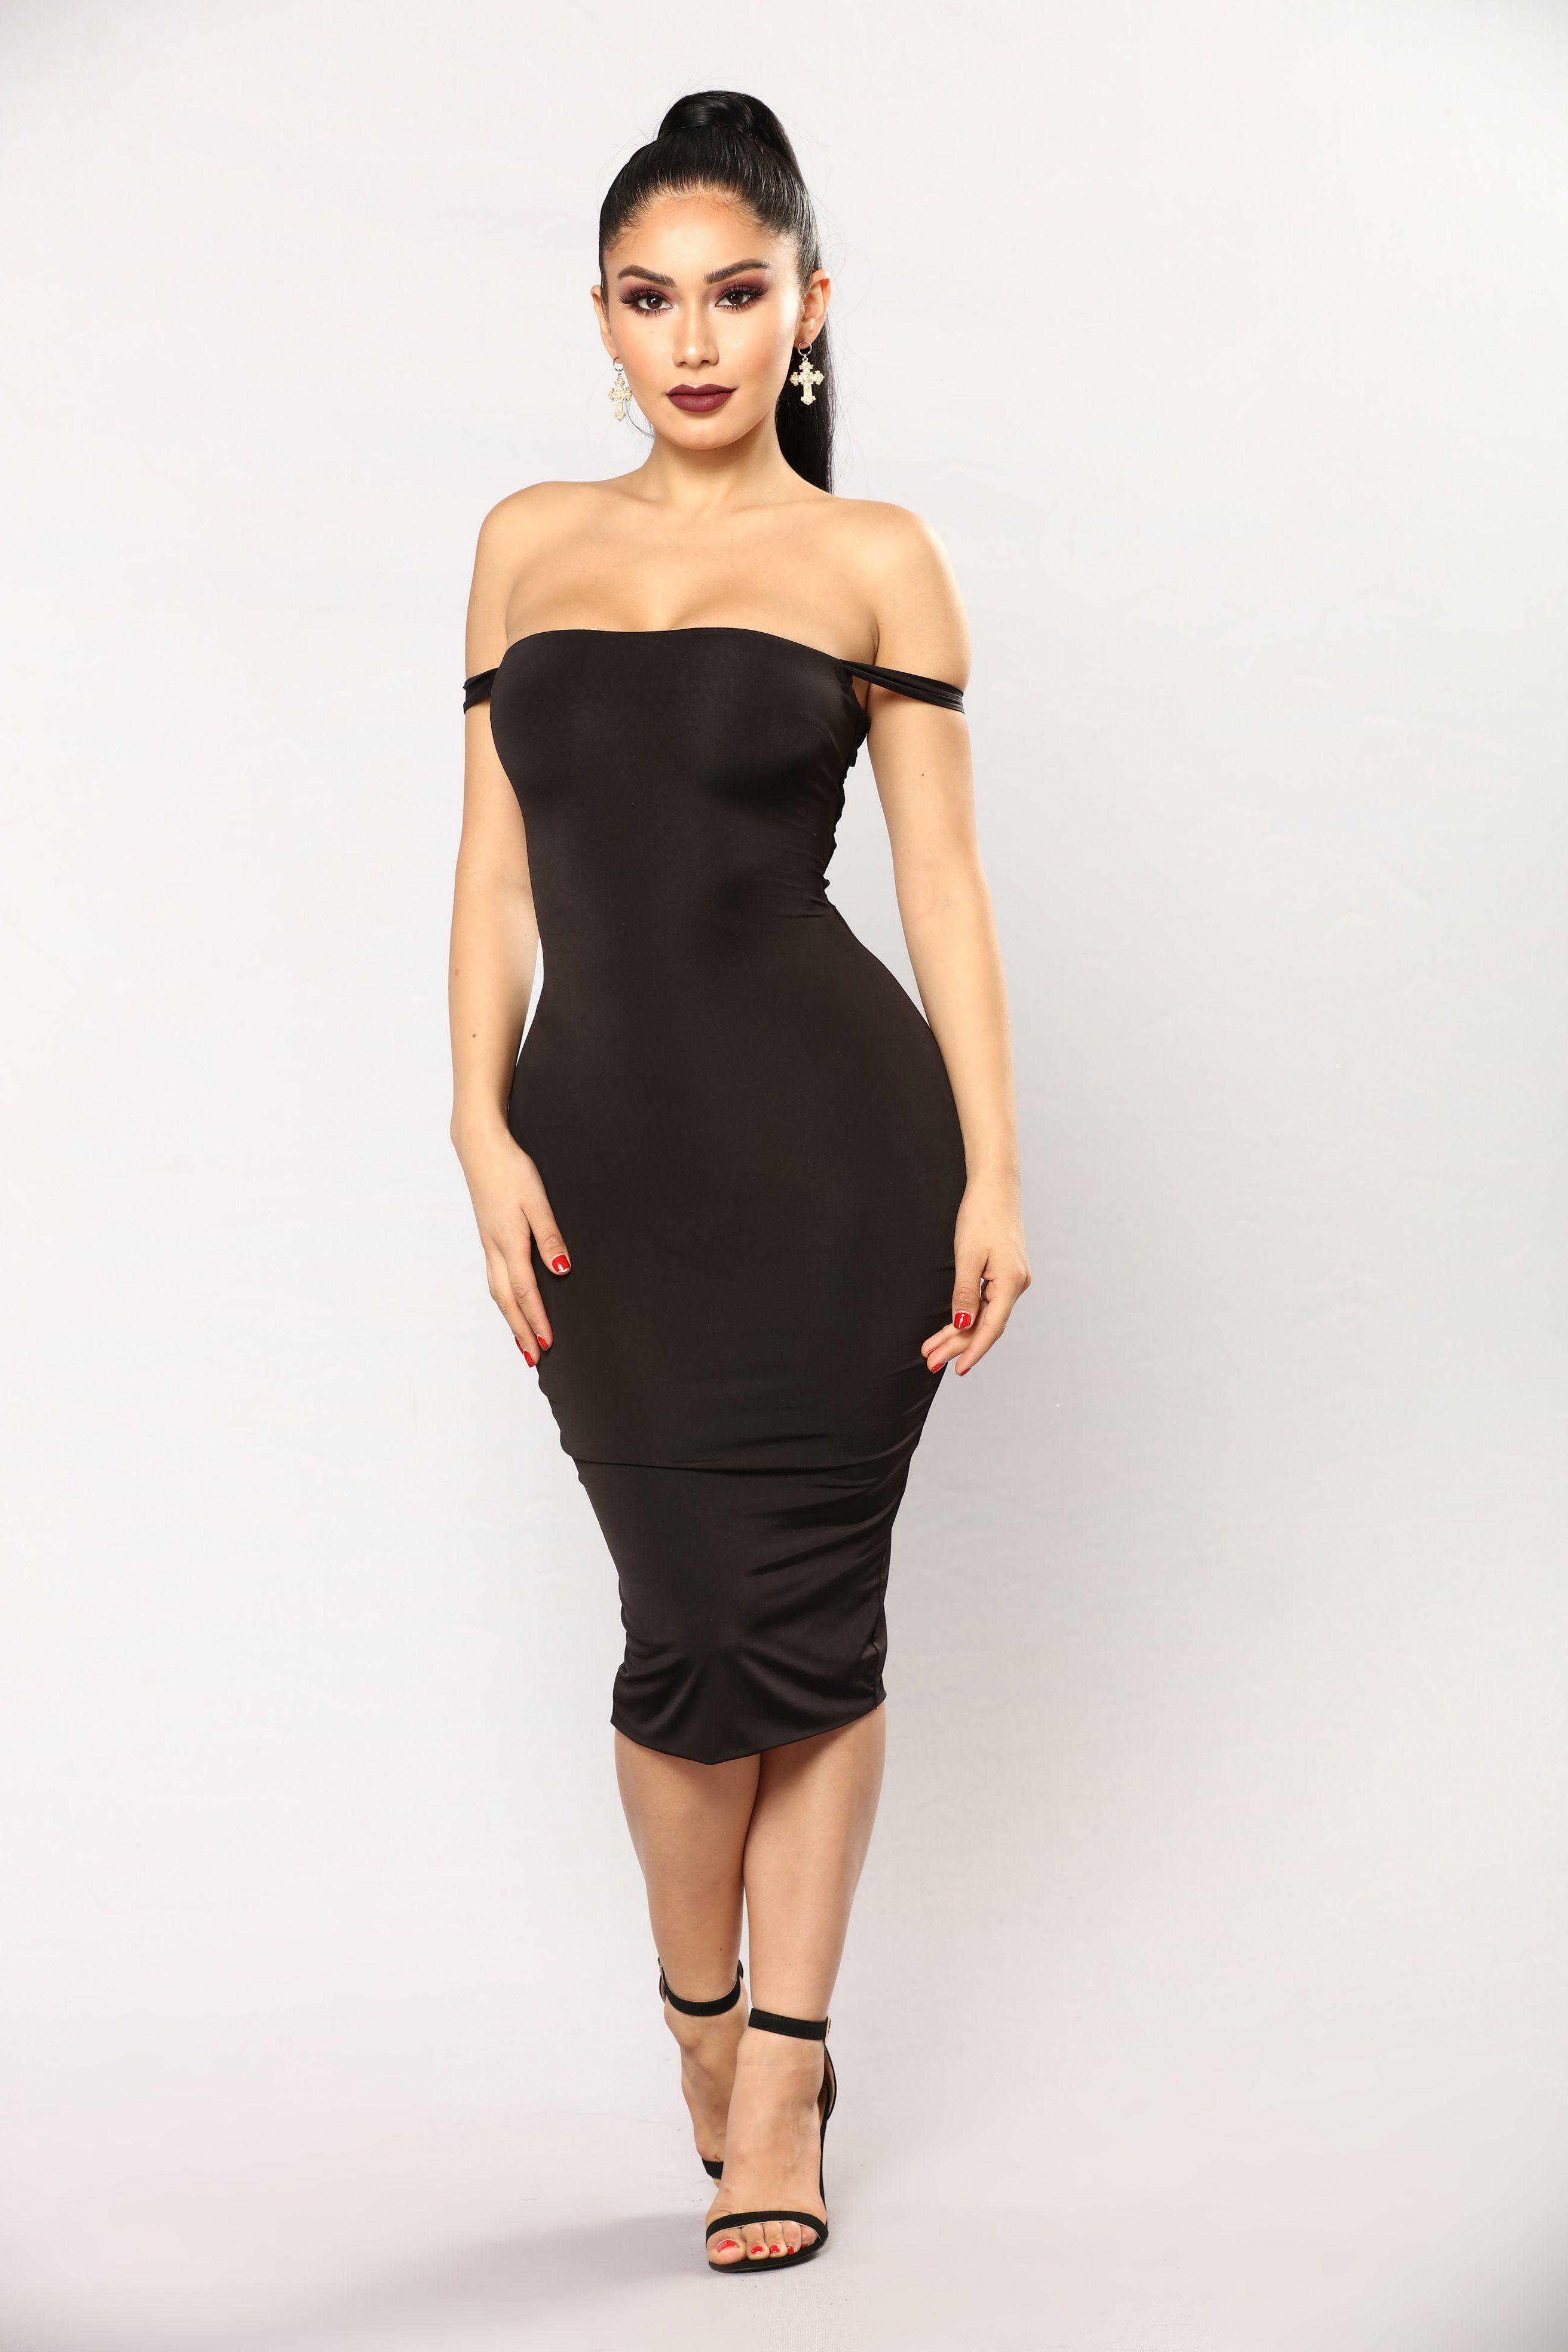 32221d32663 Framed Lace Up Dress - Black